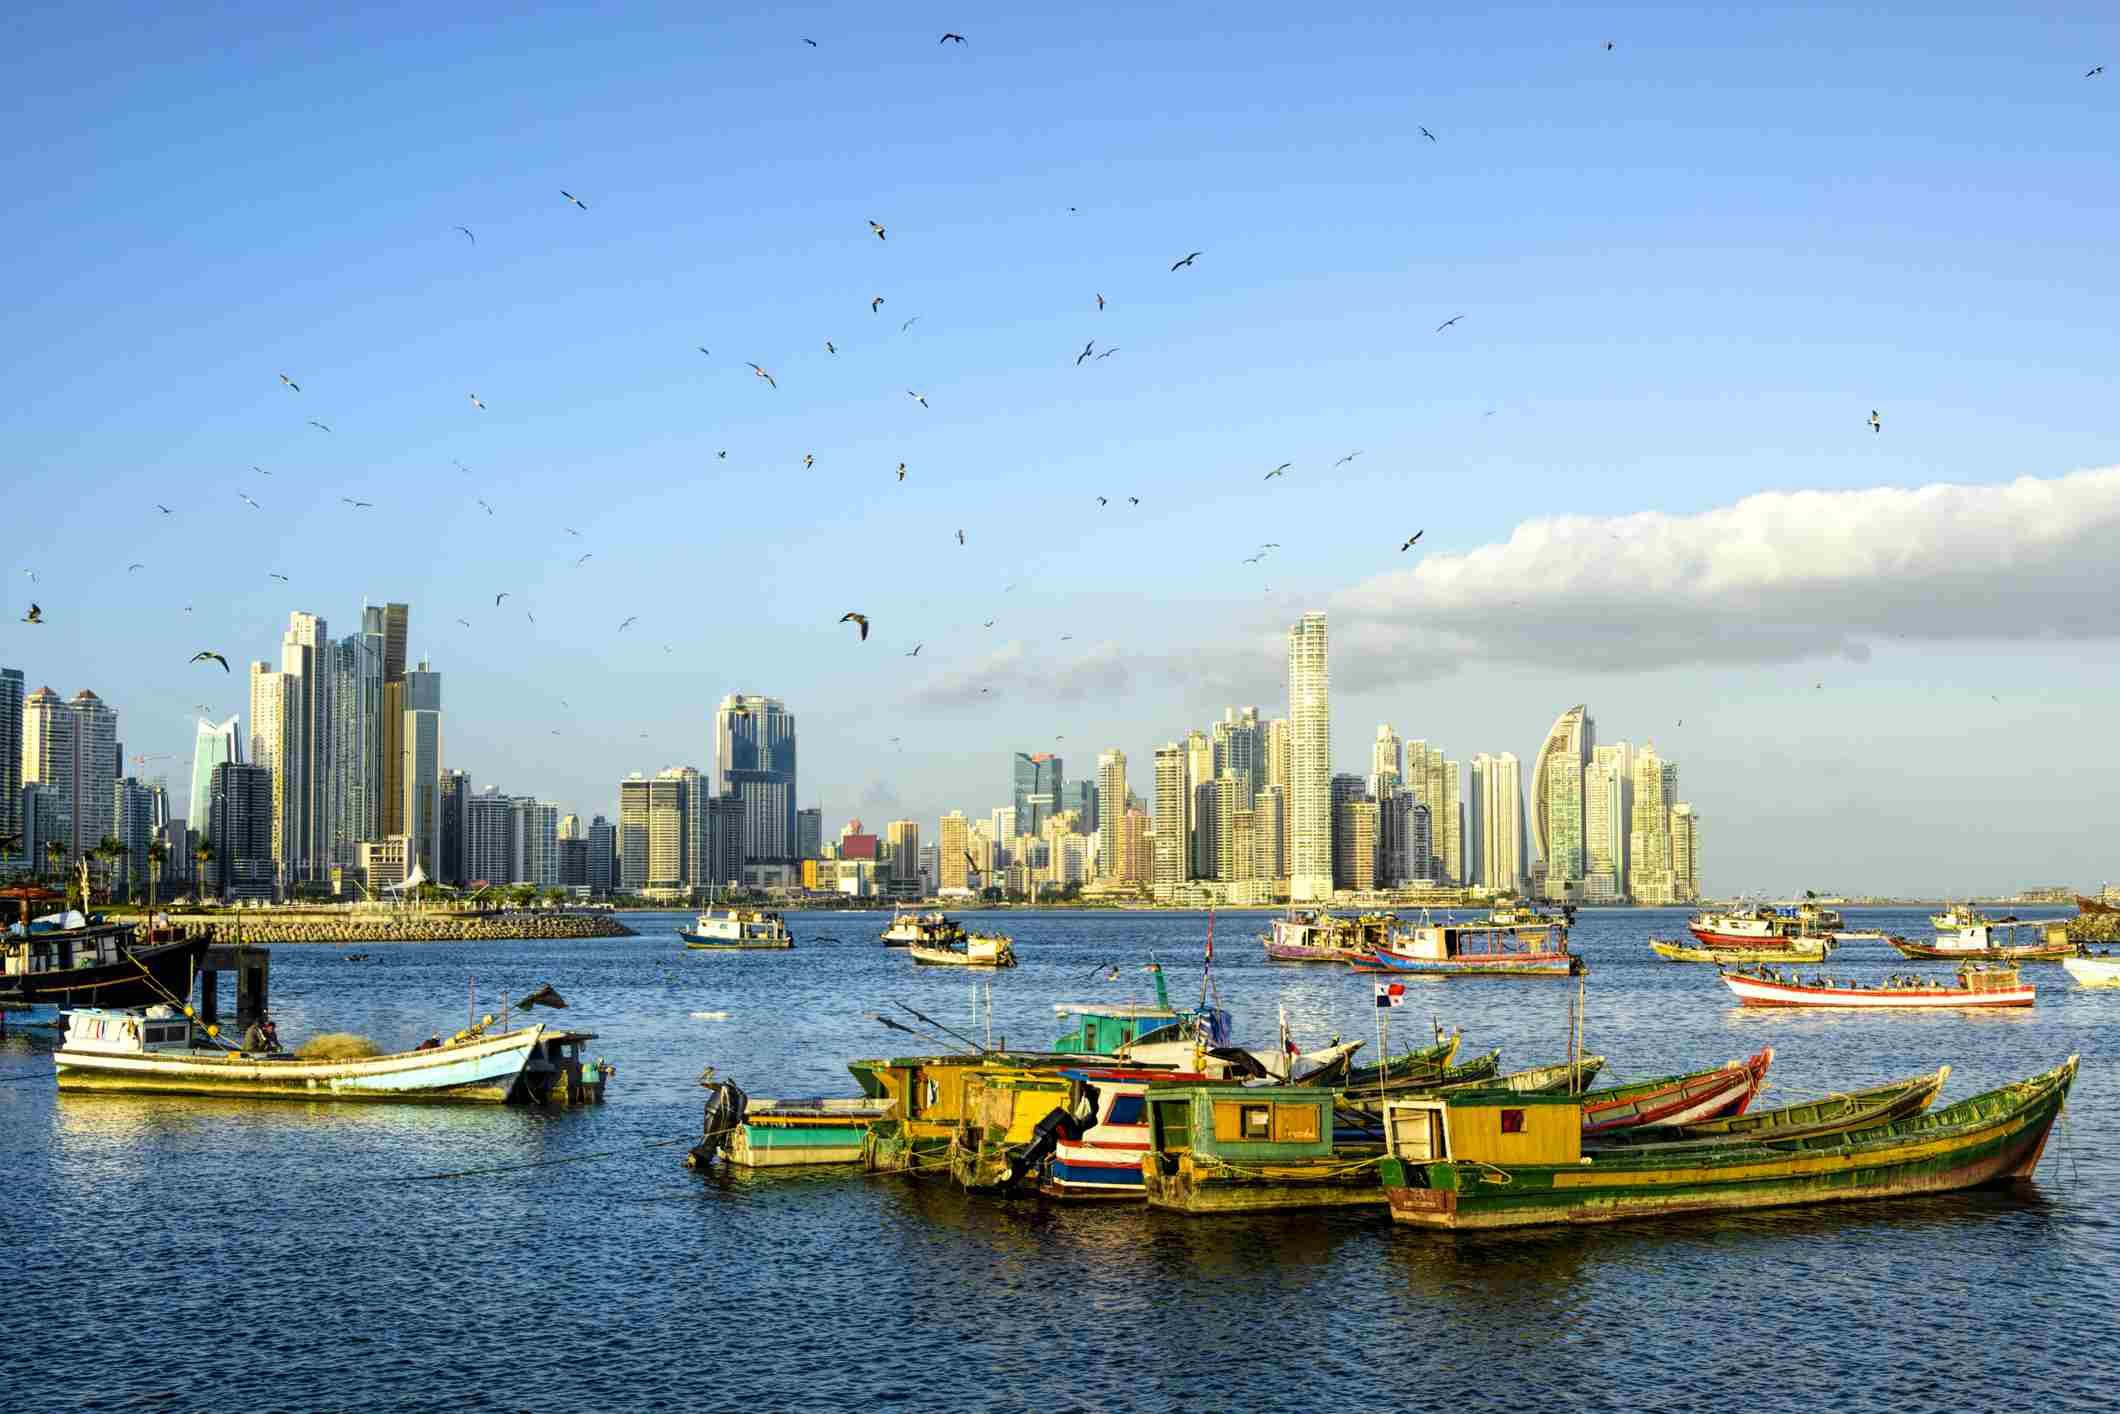 XXXL: Fishing Boats with Panama City skyline